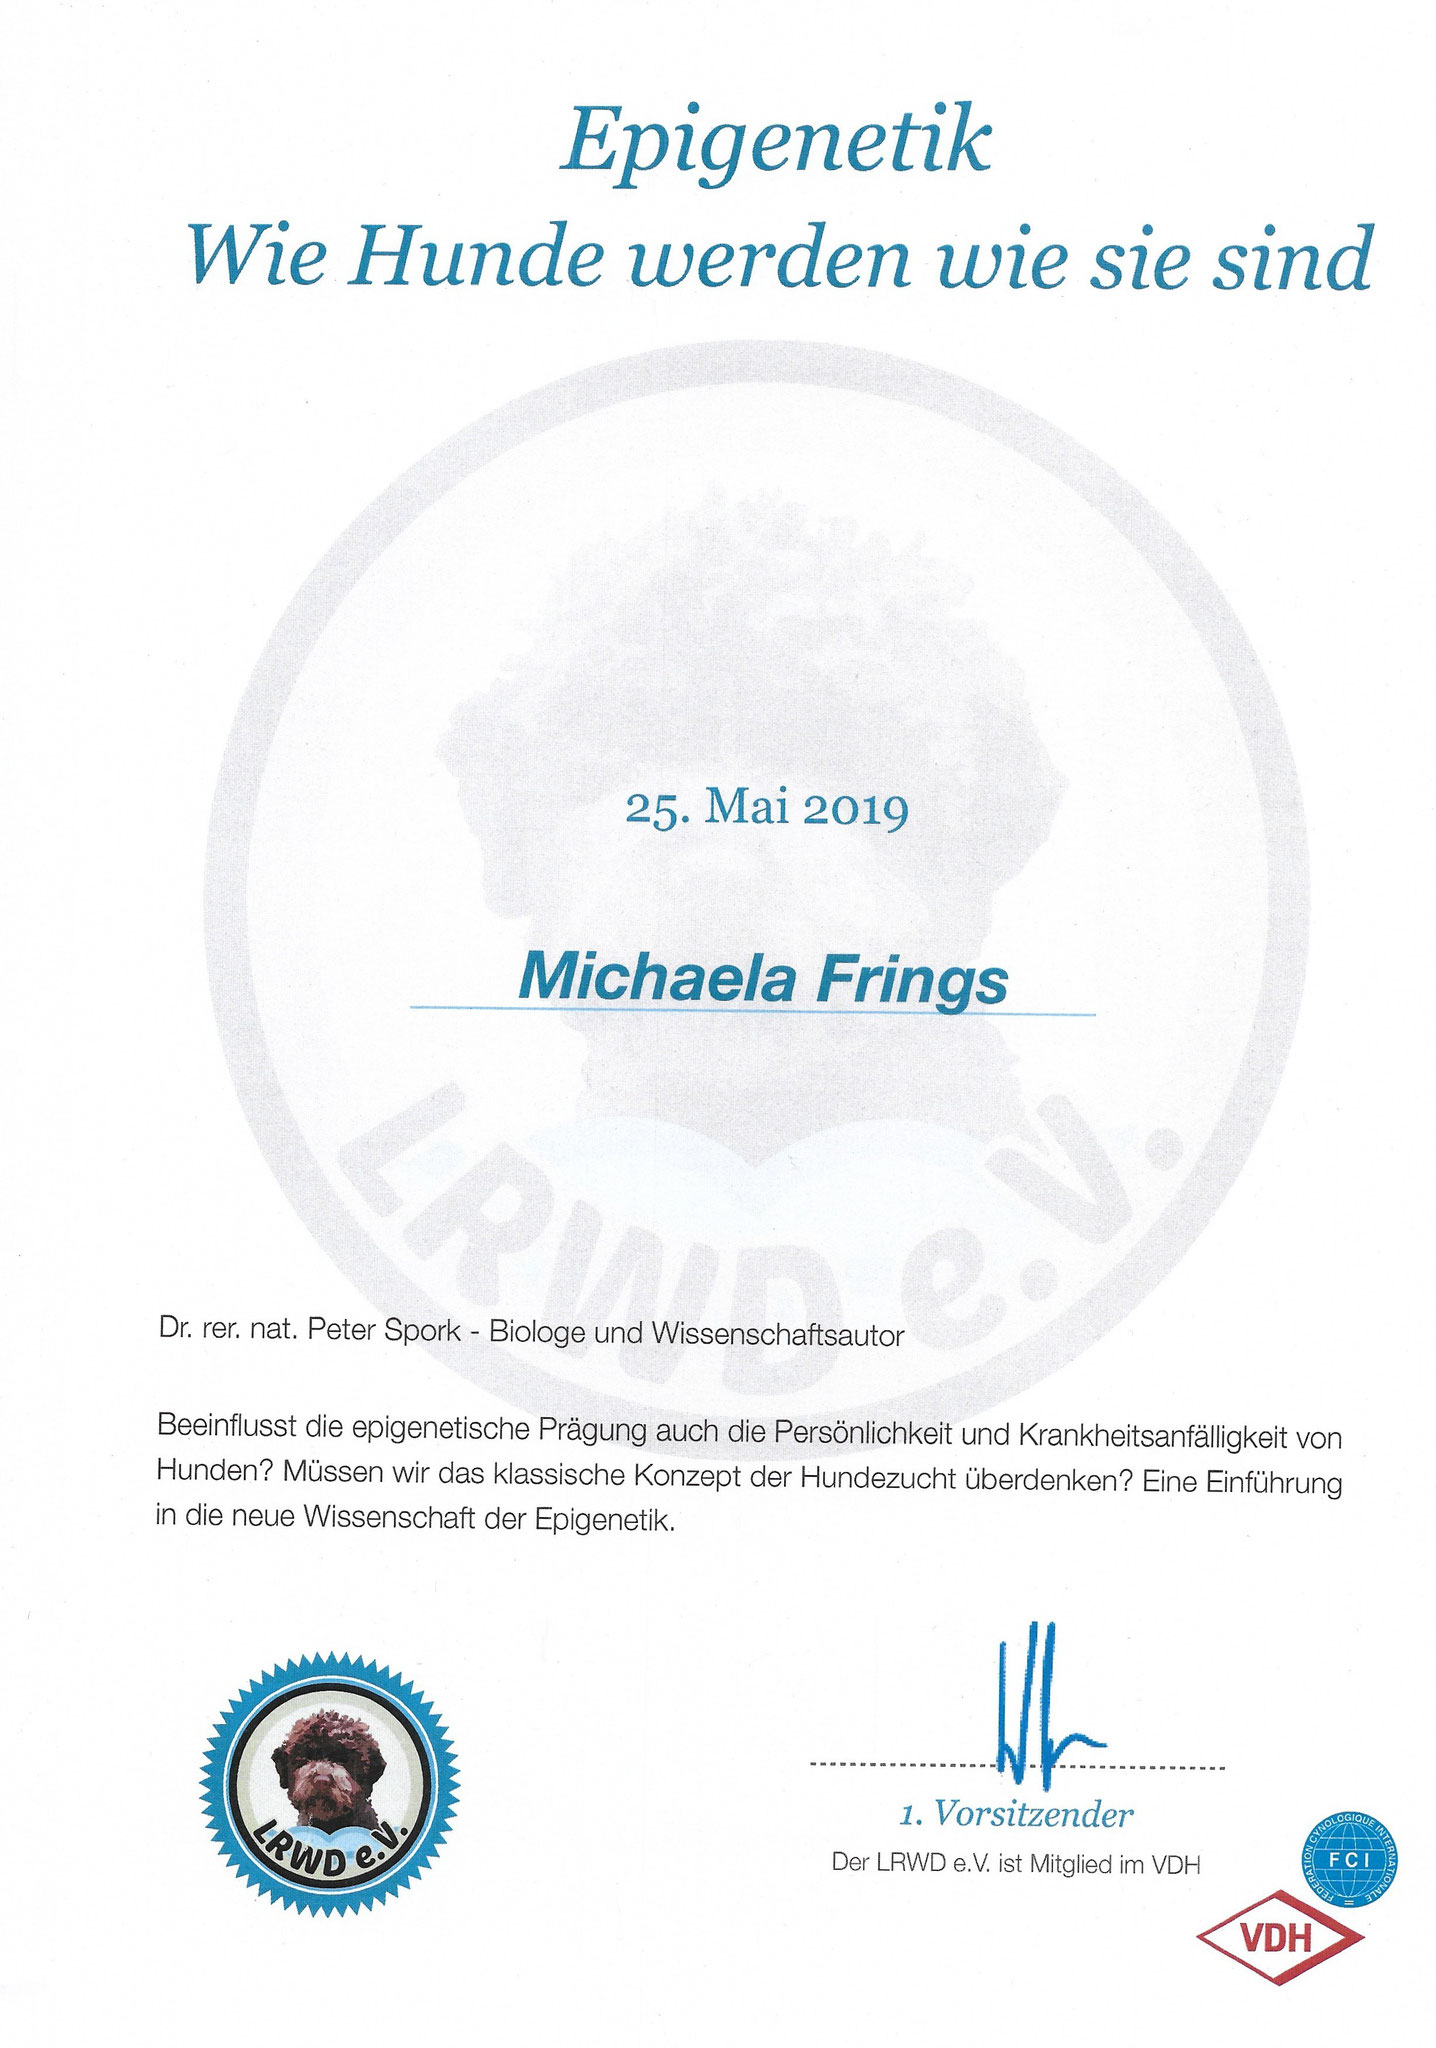 Epigenetik 25. Mai 2019